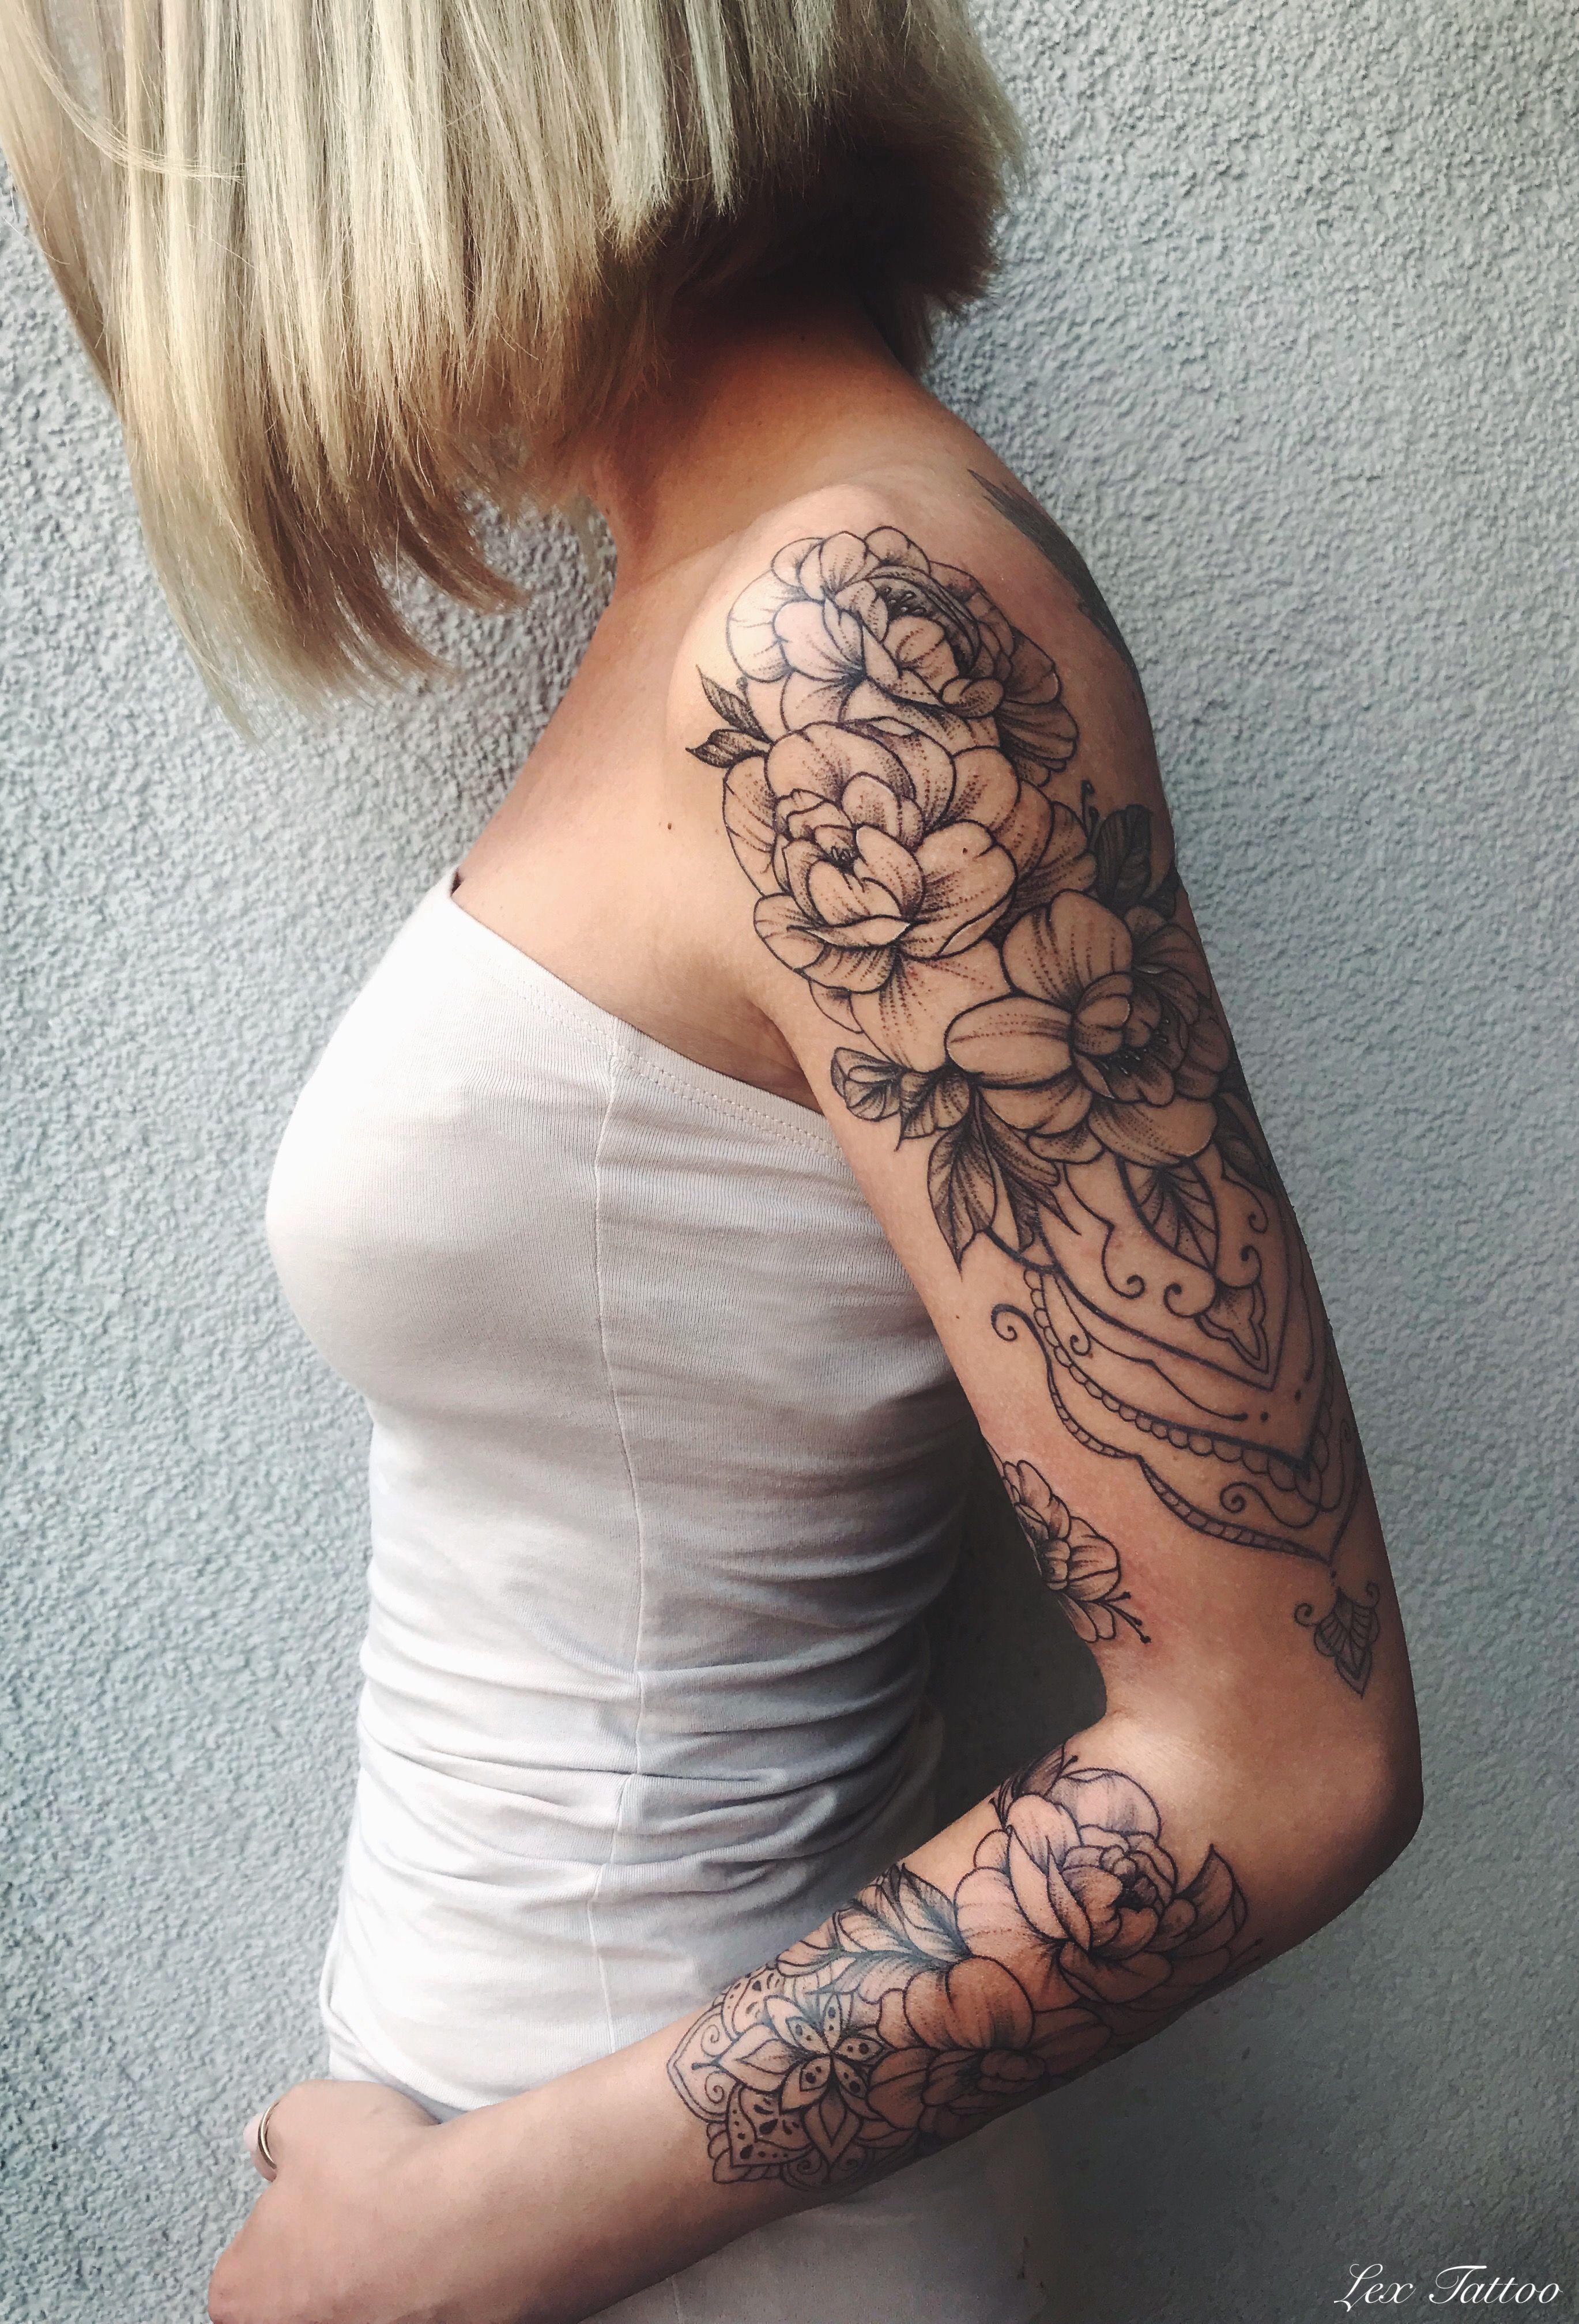 Tattoo Ganzer Arm Frau Mandala - ganzer 2020